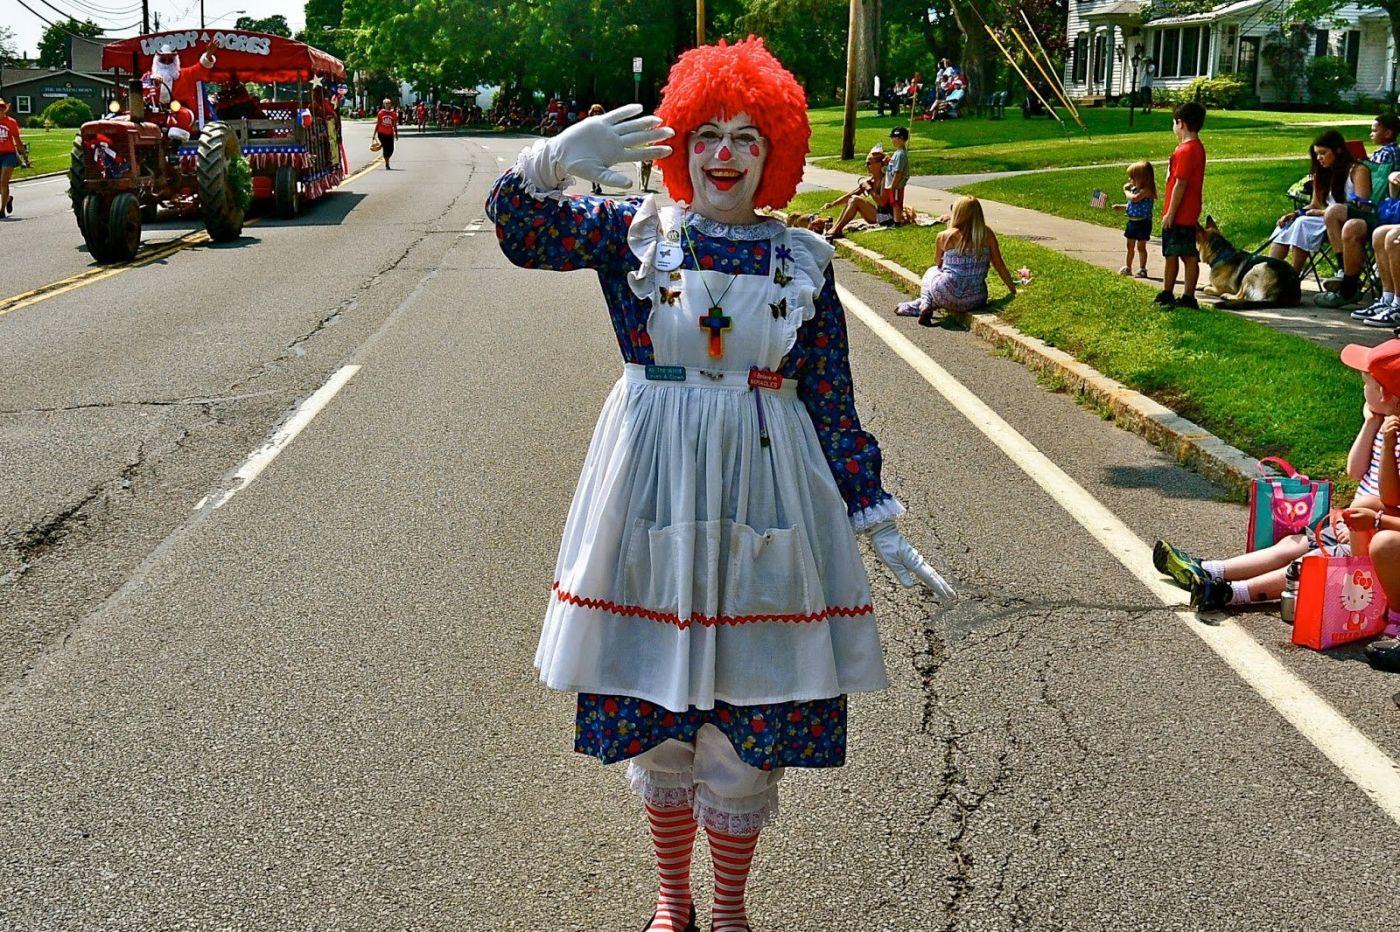 今天有点小丑怎么样?_图1-11